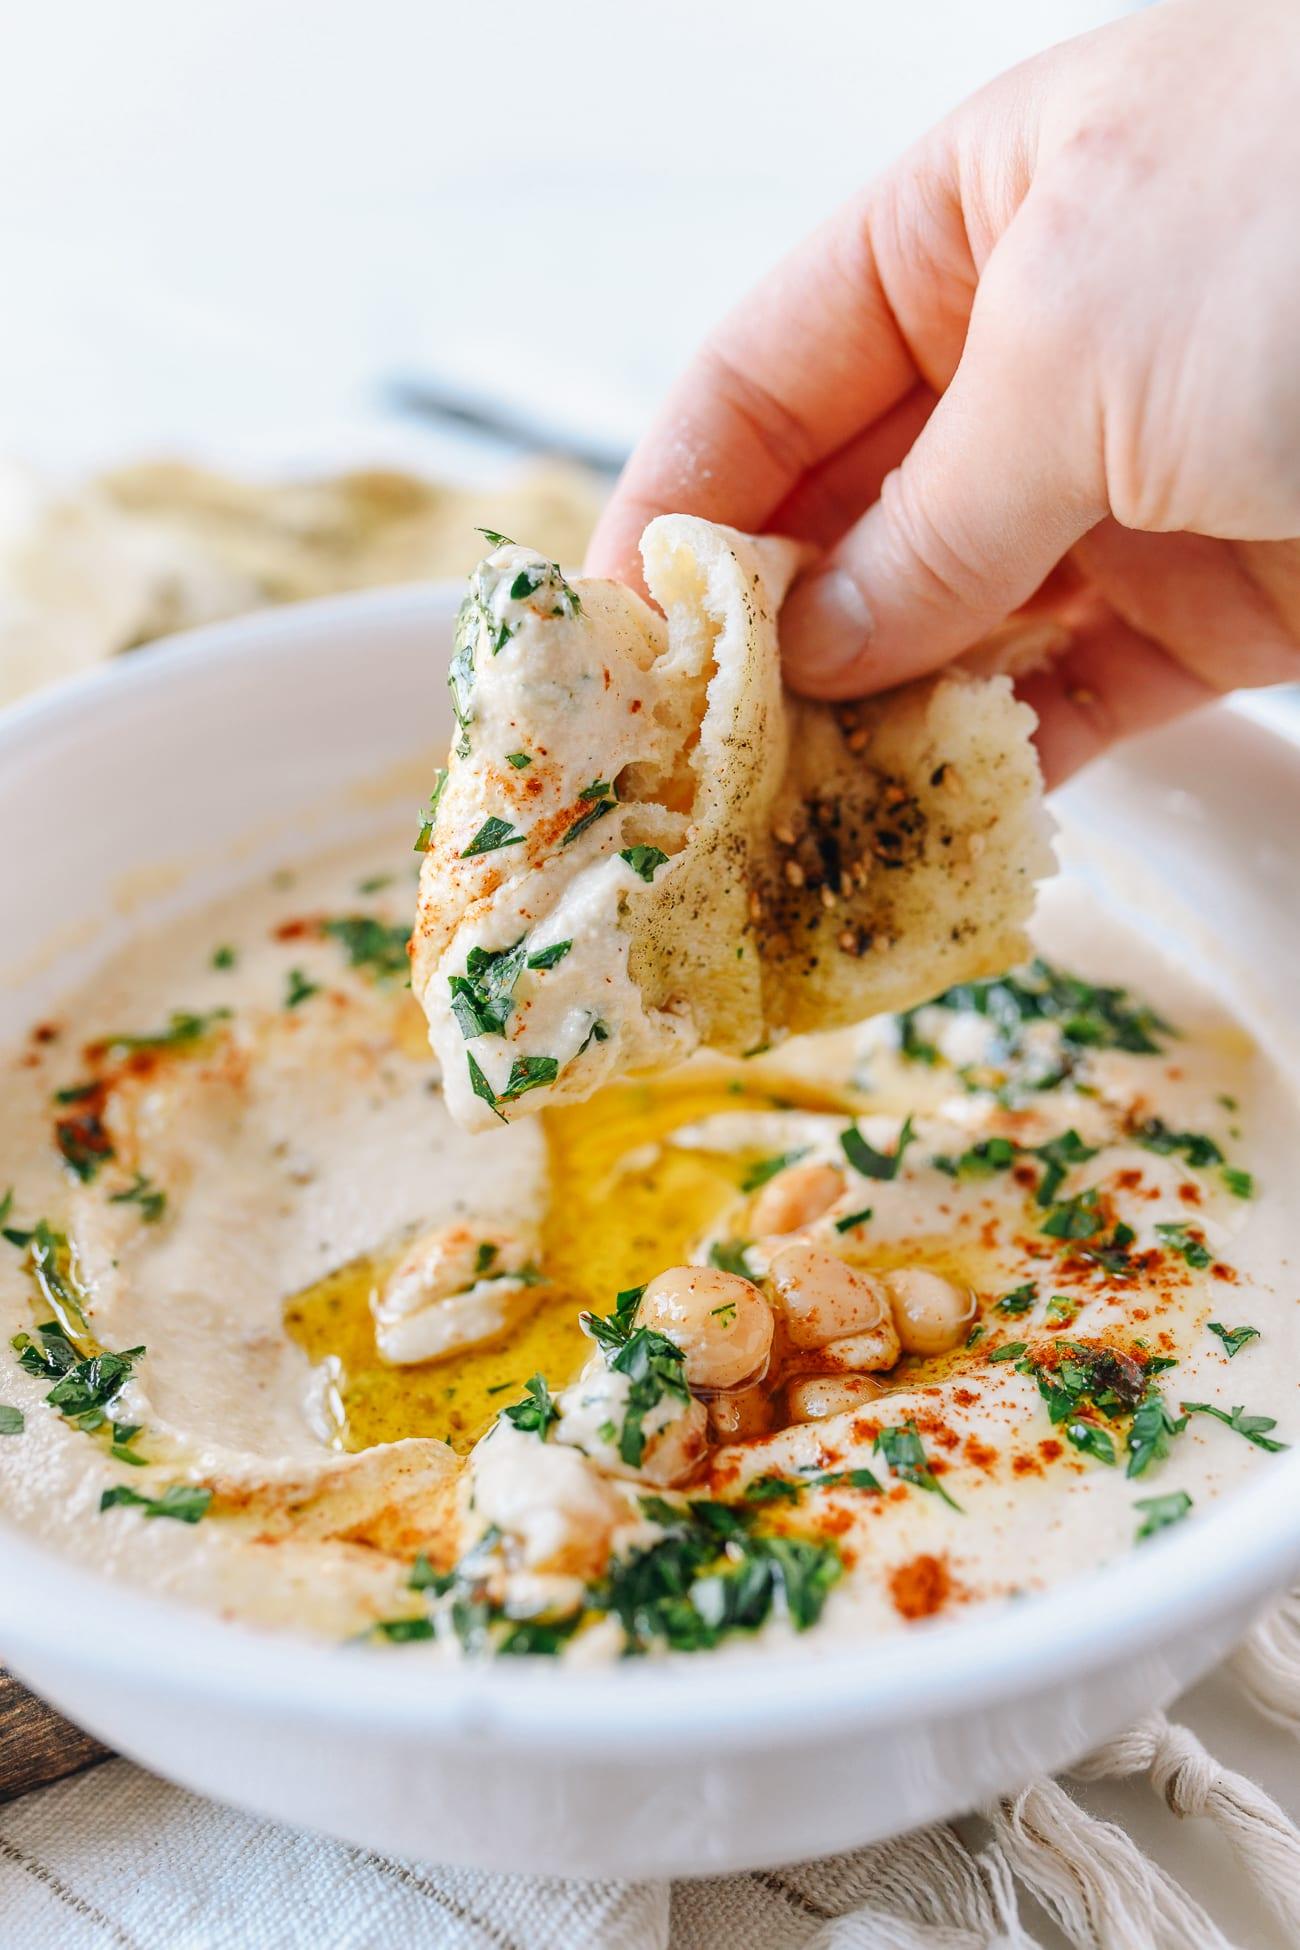 Dipping Laffa Bread into Hummus